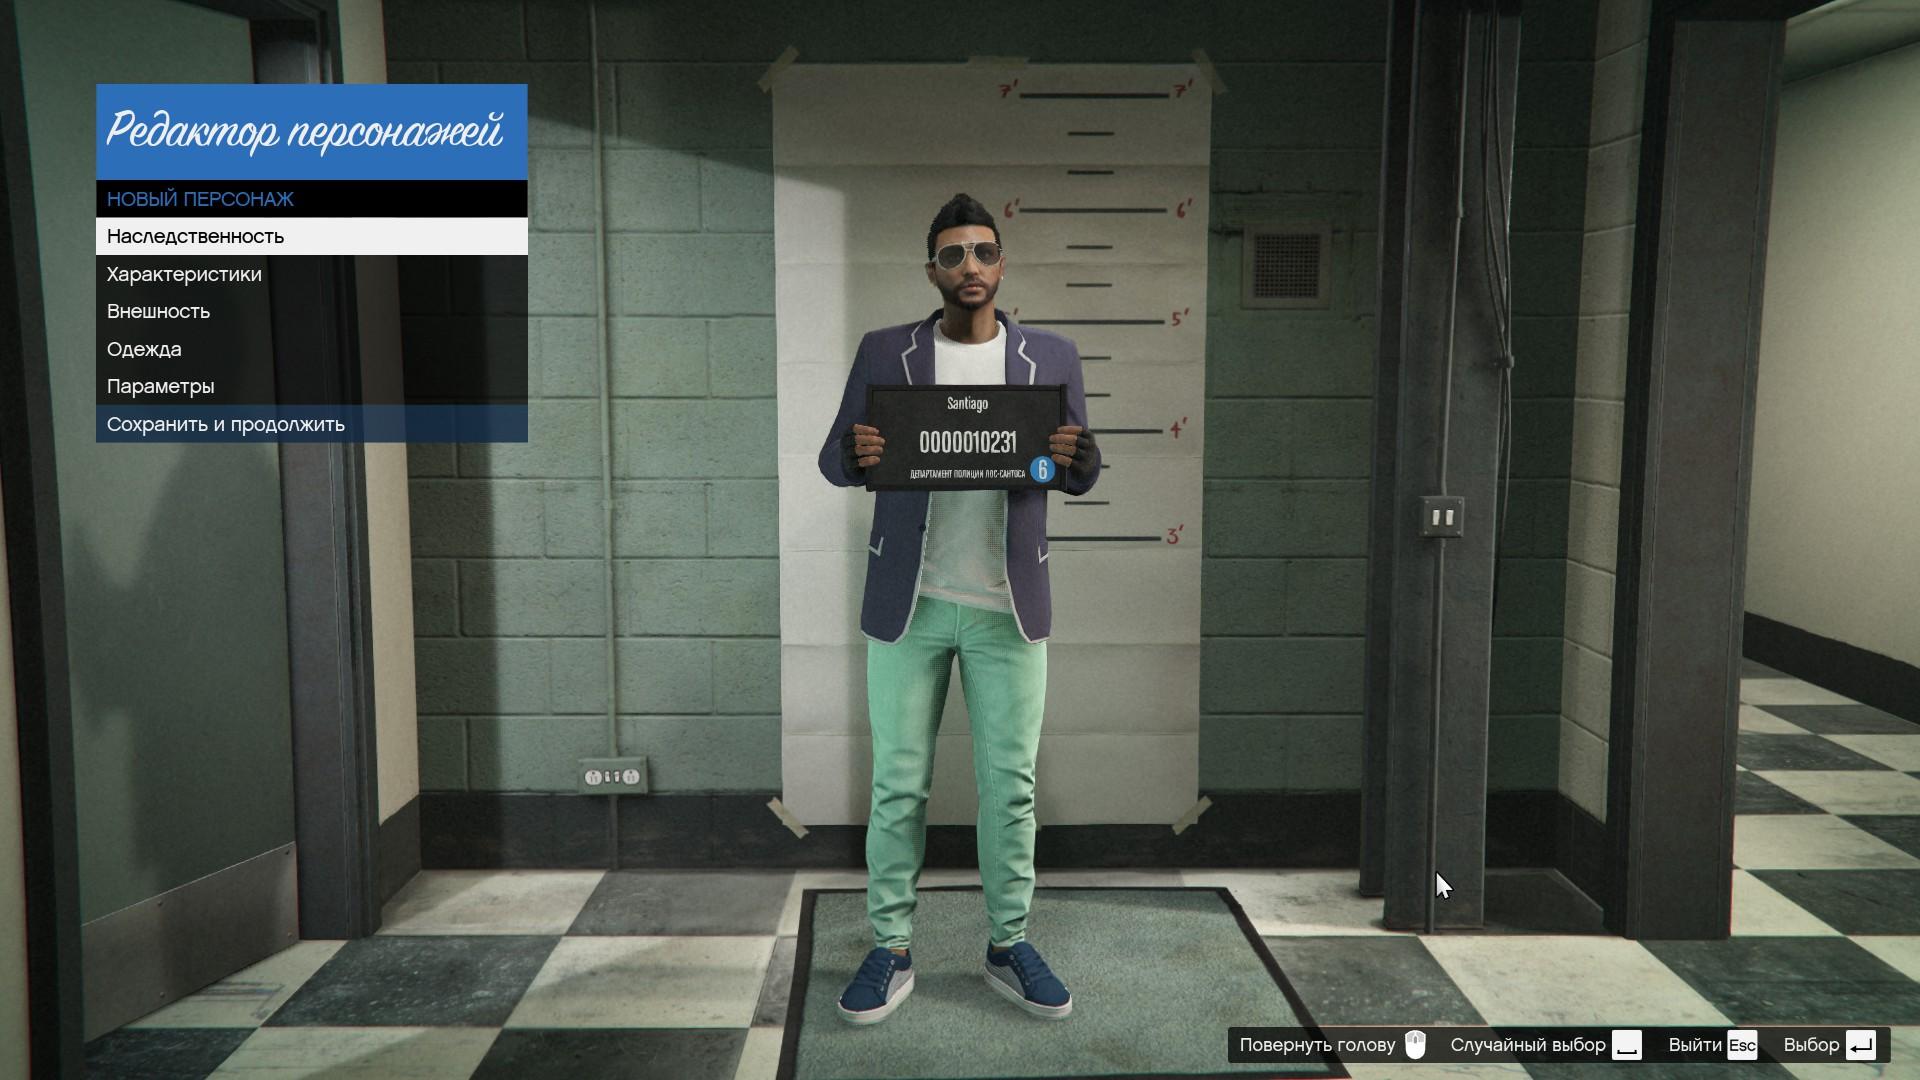 Гта онлайн как сделать персонажа